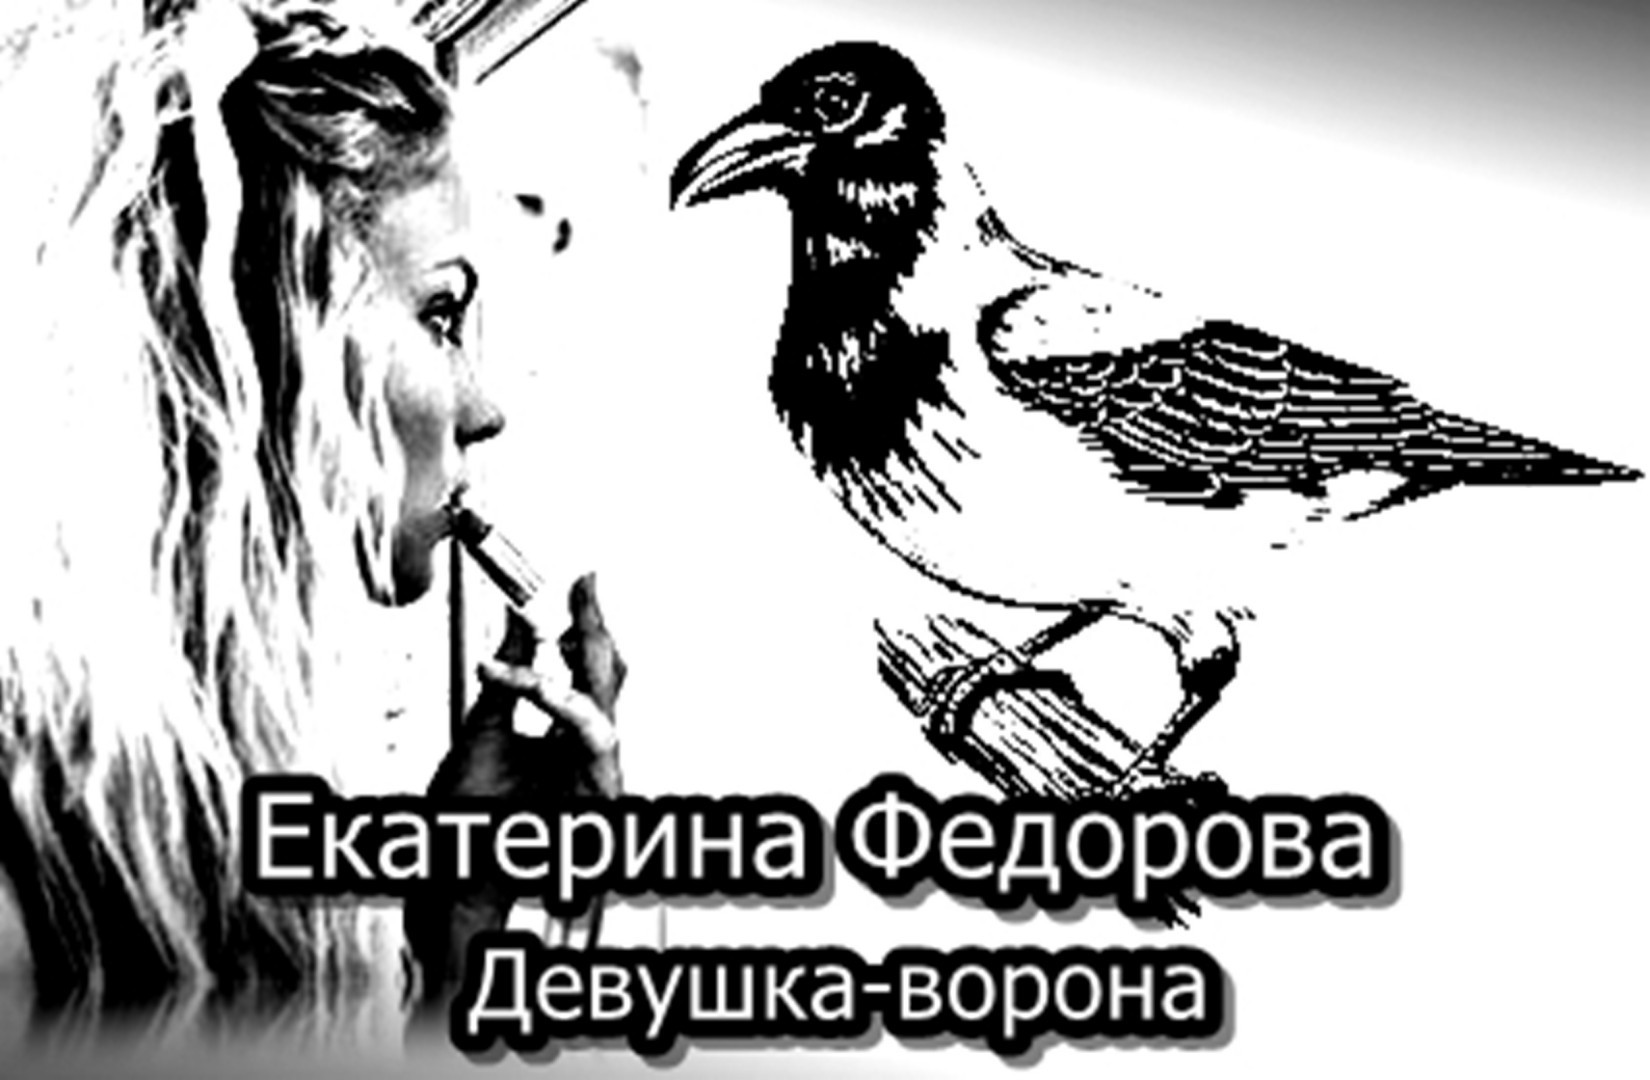 Девушка-ворона